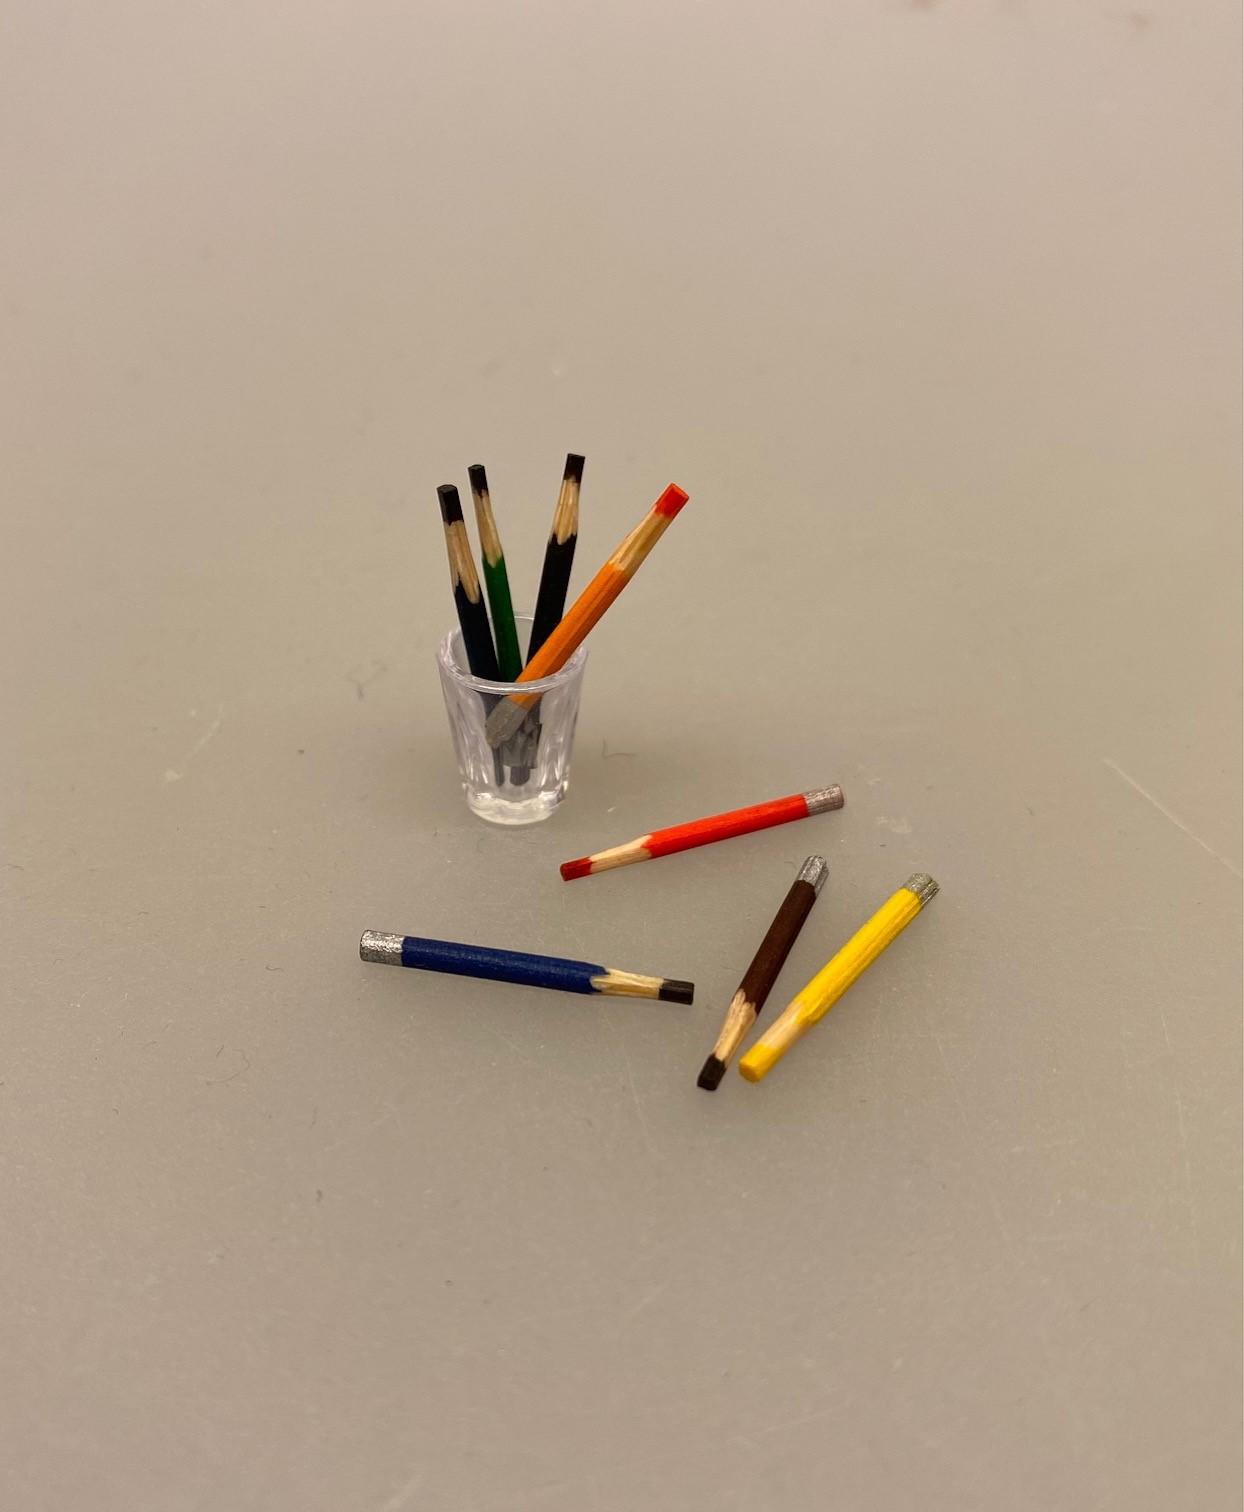 Miniature Farveblyanter, Miniature, kunstmaler, maling, oliekridt oliefarver, miniature, mini, maleri, maler, sangskjuler, kunst, gavekort, symbolsk, sætterkasse, sættekasse, dukkehus, dukkestue, ting, til, tilbehør, nisser, nisse, 1:12, farver, kreativ,